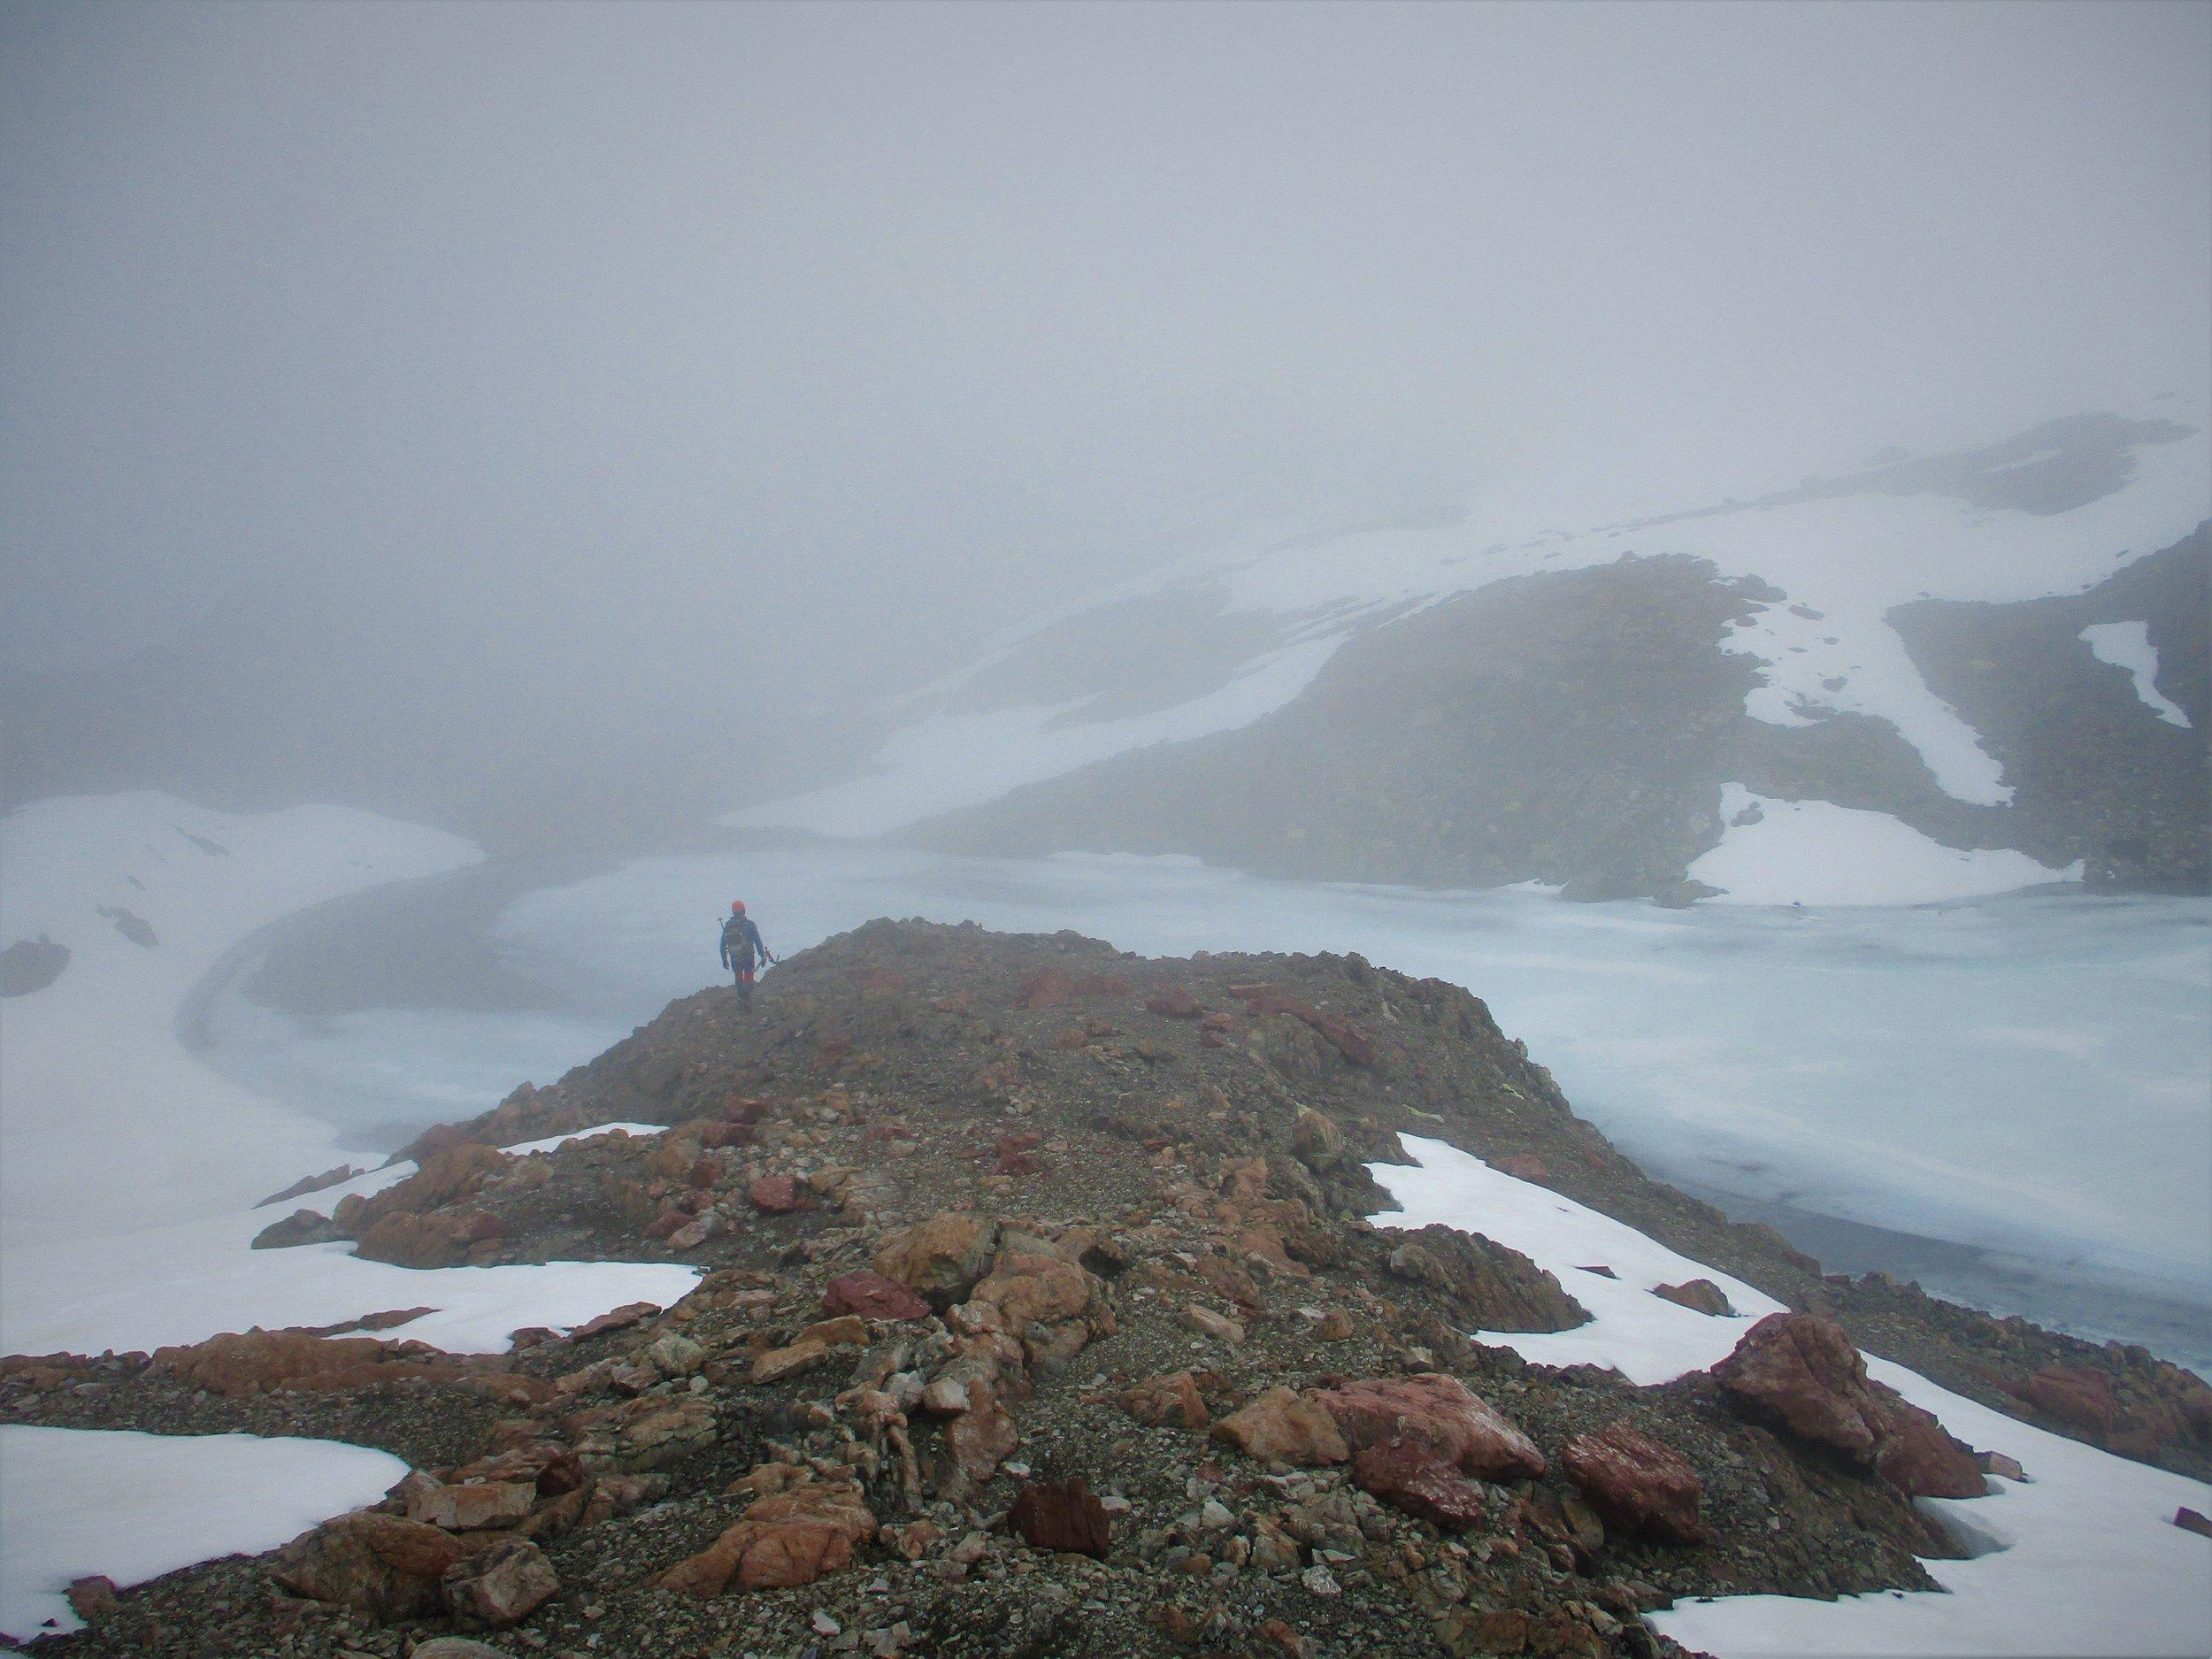 Approaching a semi frozen mountain tarn